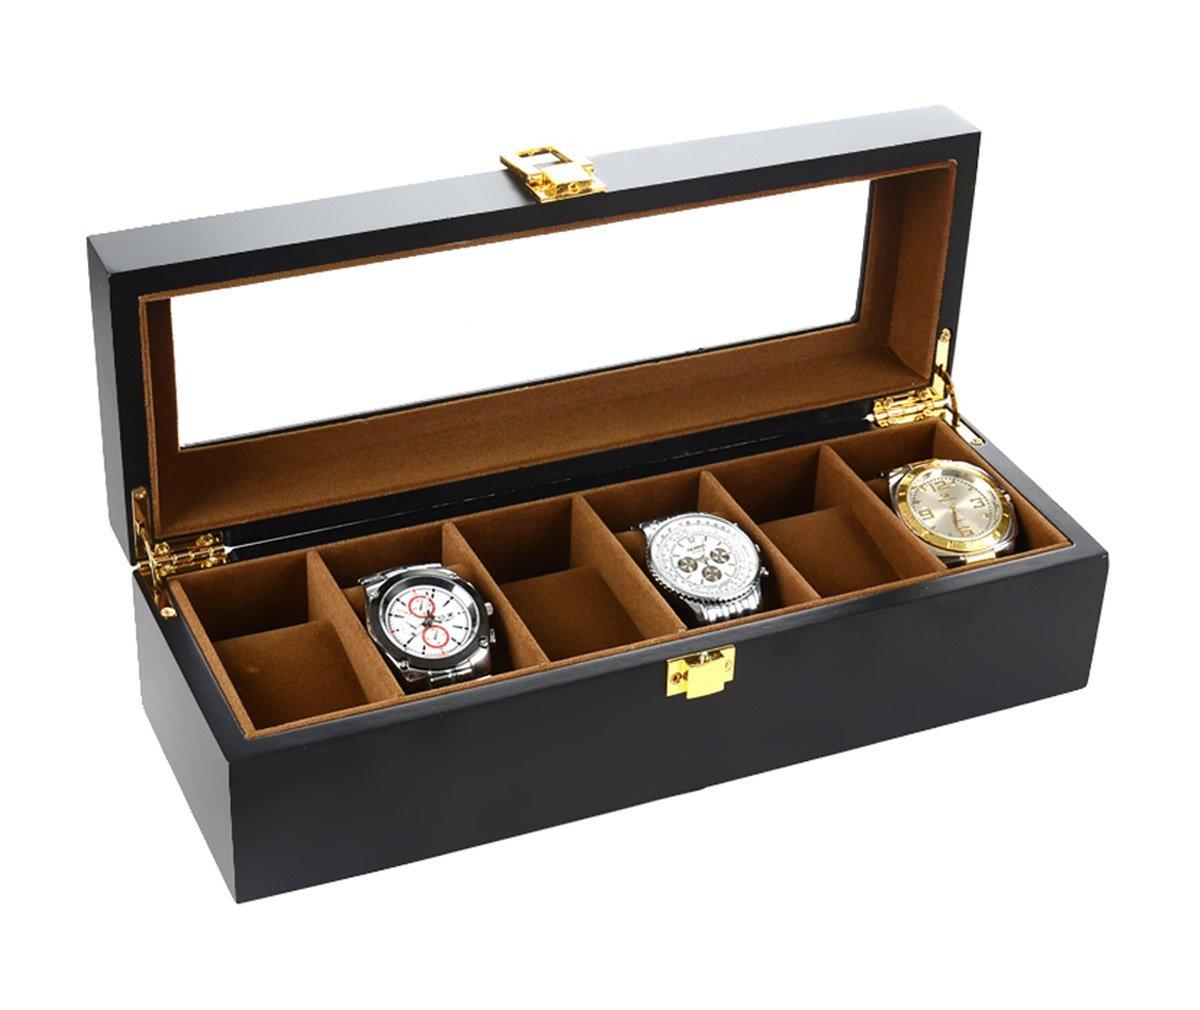 Autoark Wood 6 Watch Box with Jewelry Display Drawer Watch Case Organizer,Black,AW-024